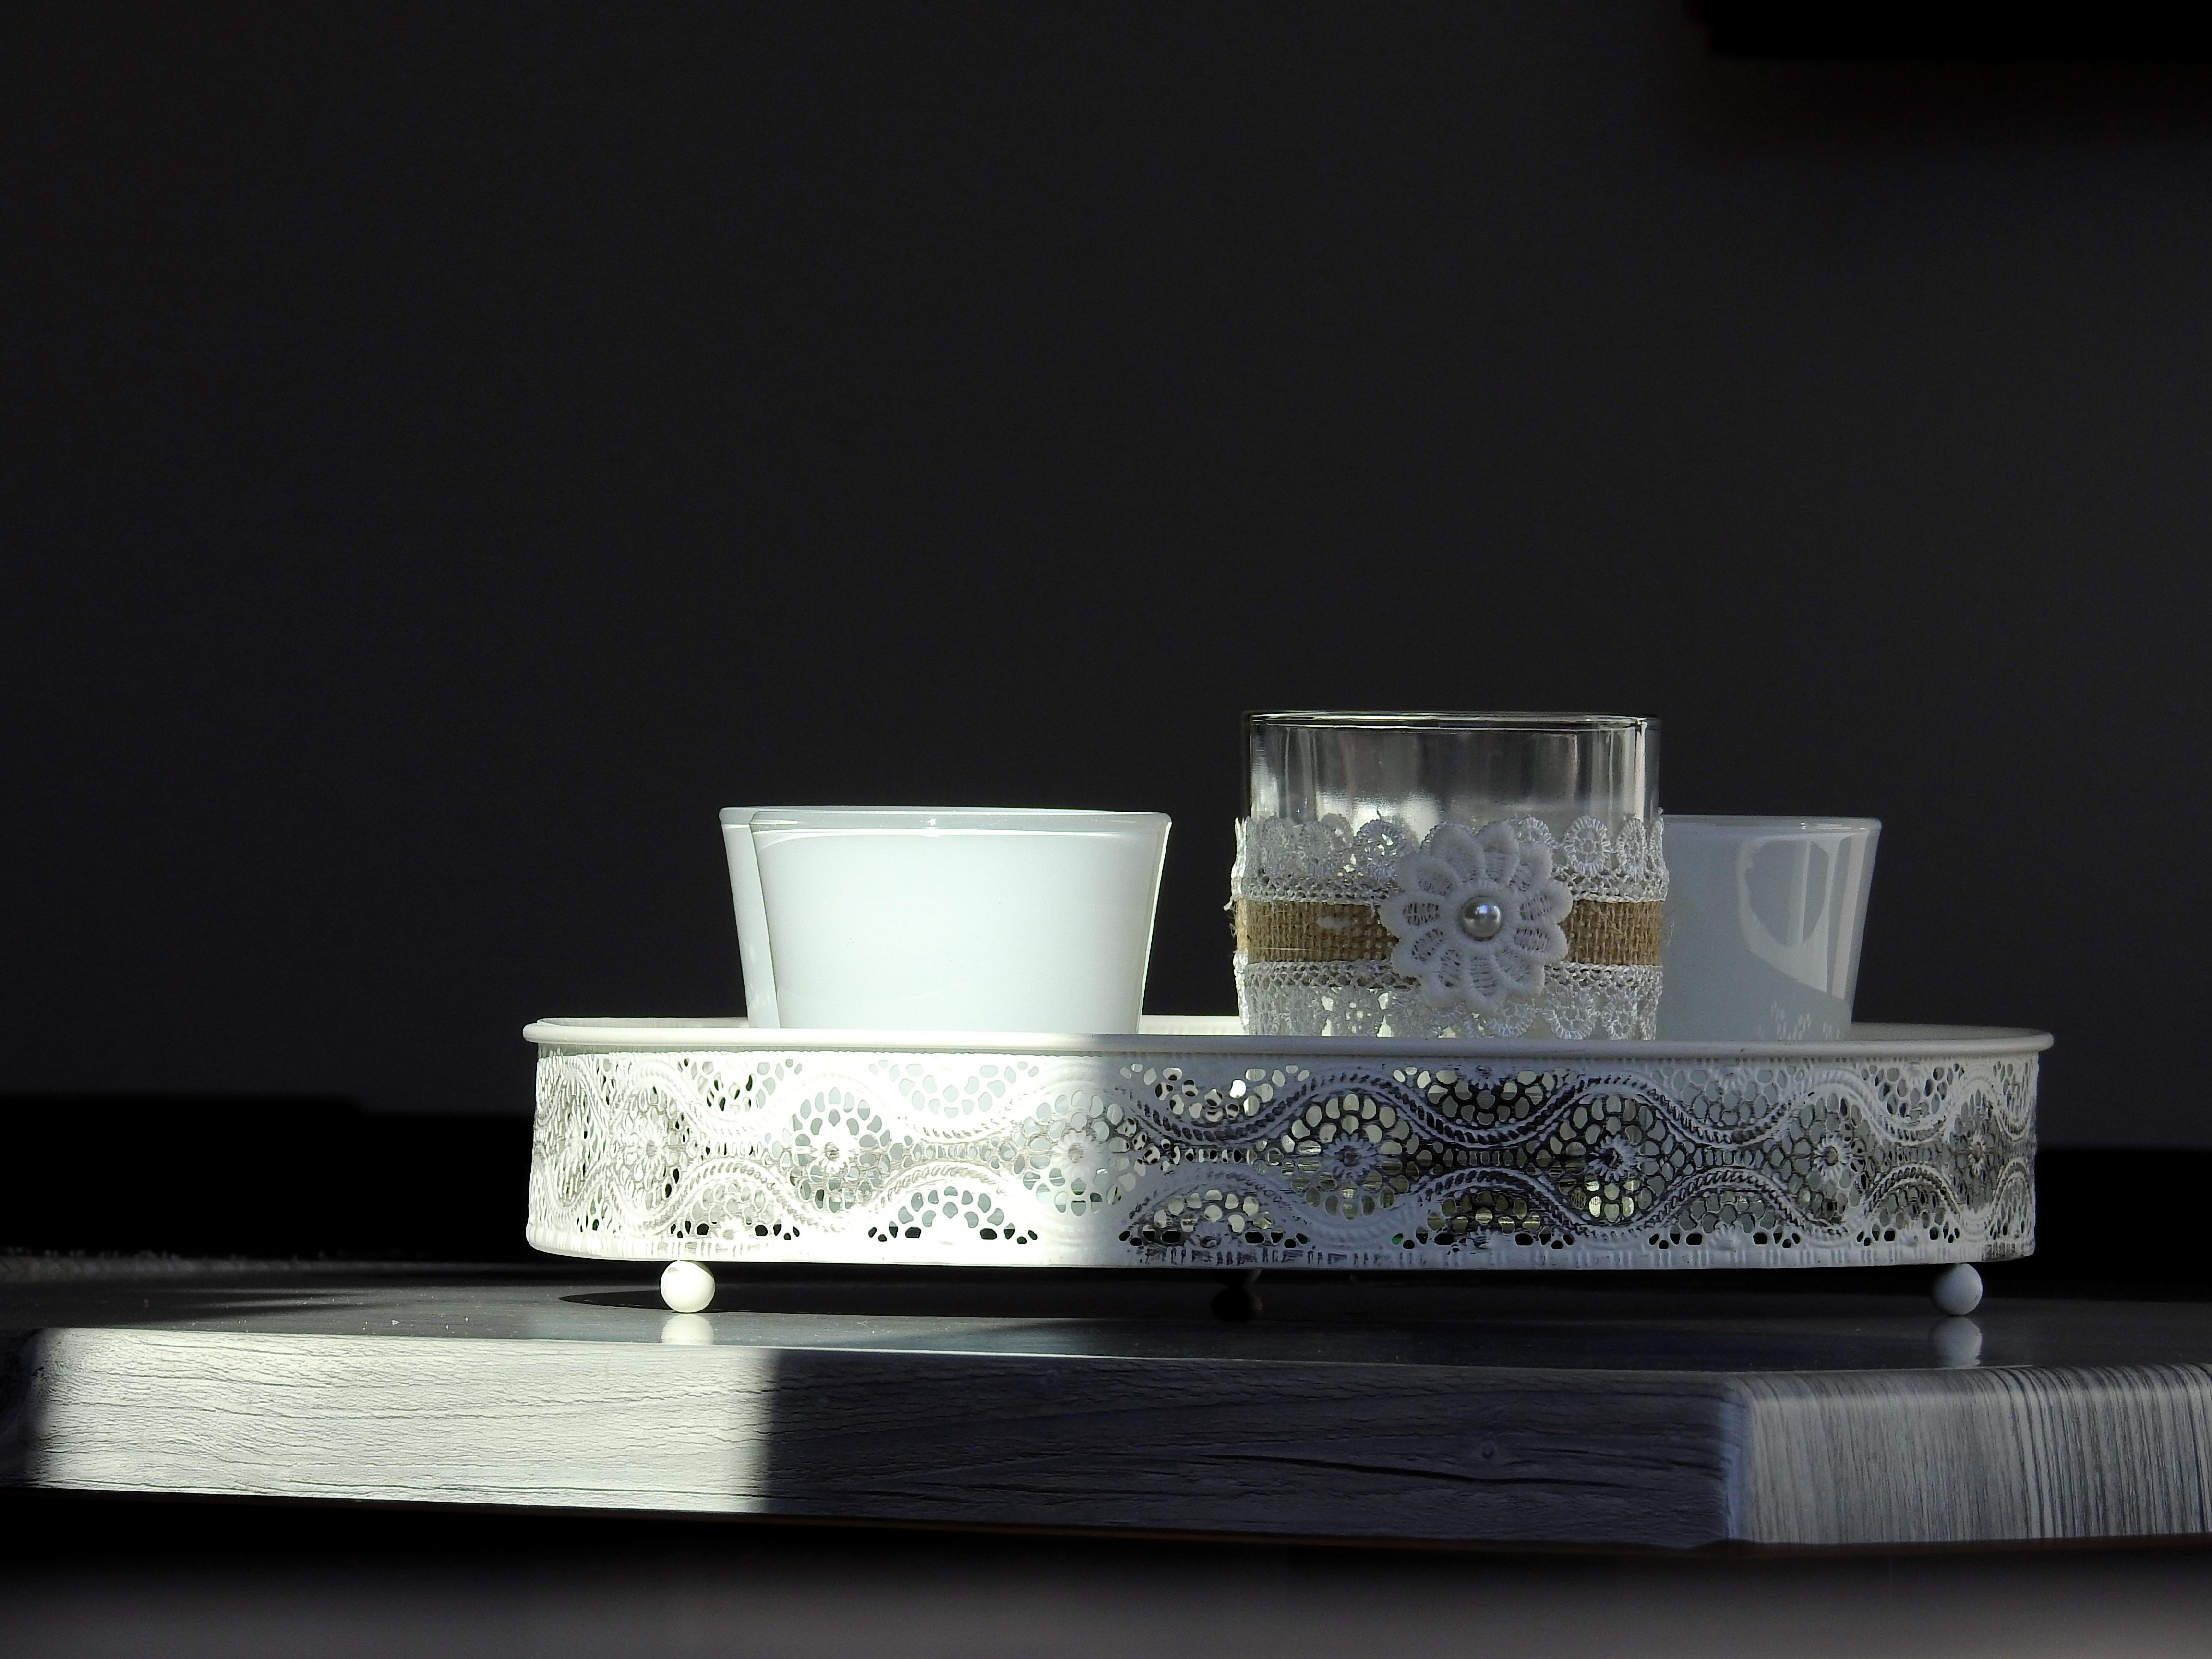 Bildet : bord, glass, dekorasjon, hylle, møbler, stearinlys ...